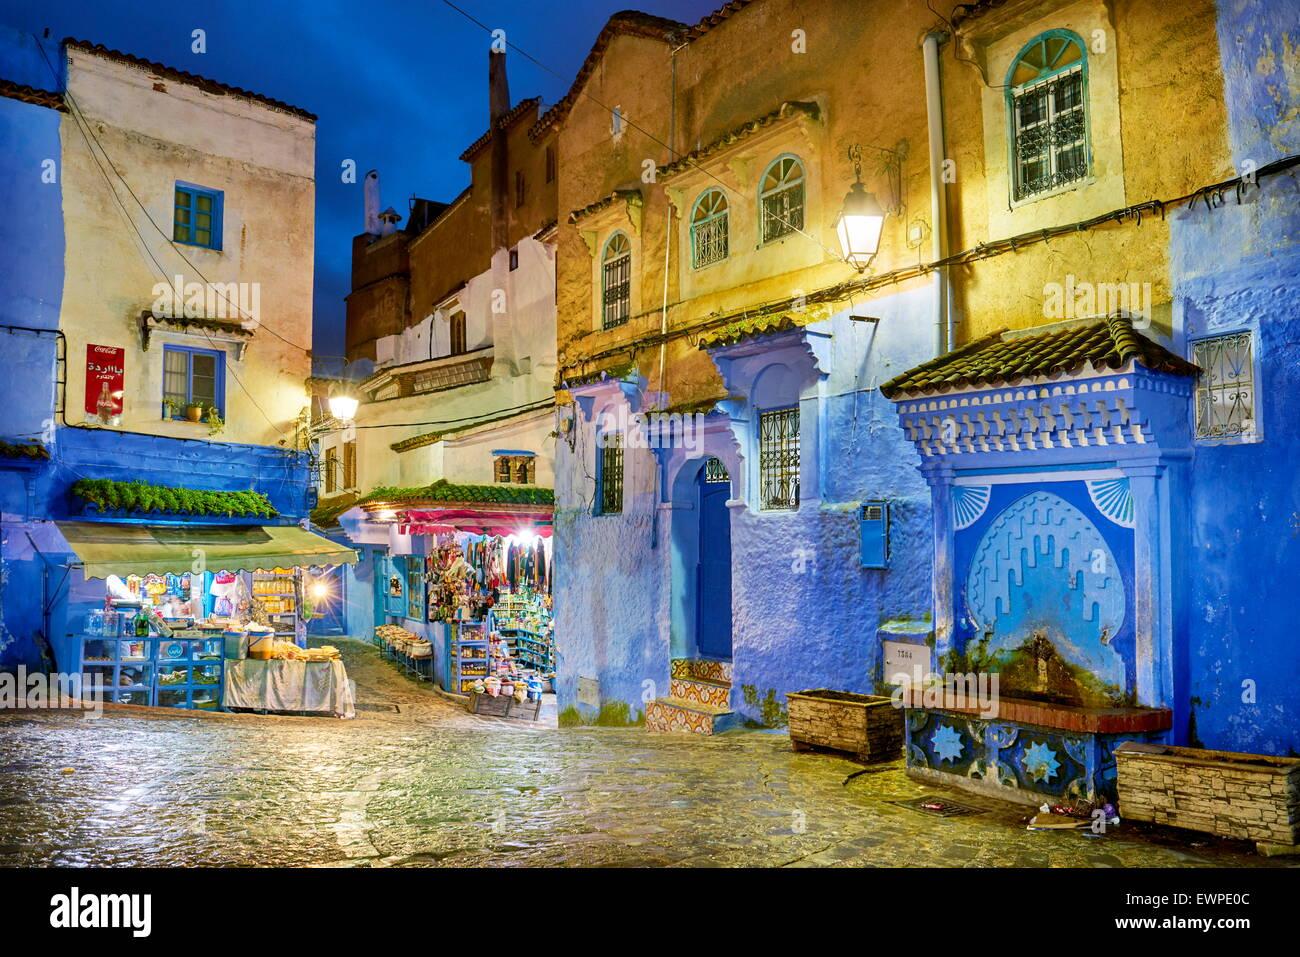 Blu pareti dipinte nella vecchia medina di Chefchaouen, Marocco, Africa Immagini Stock